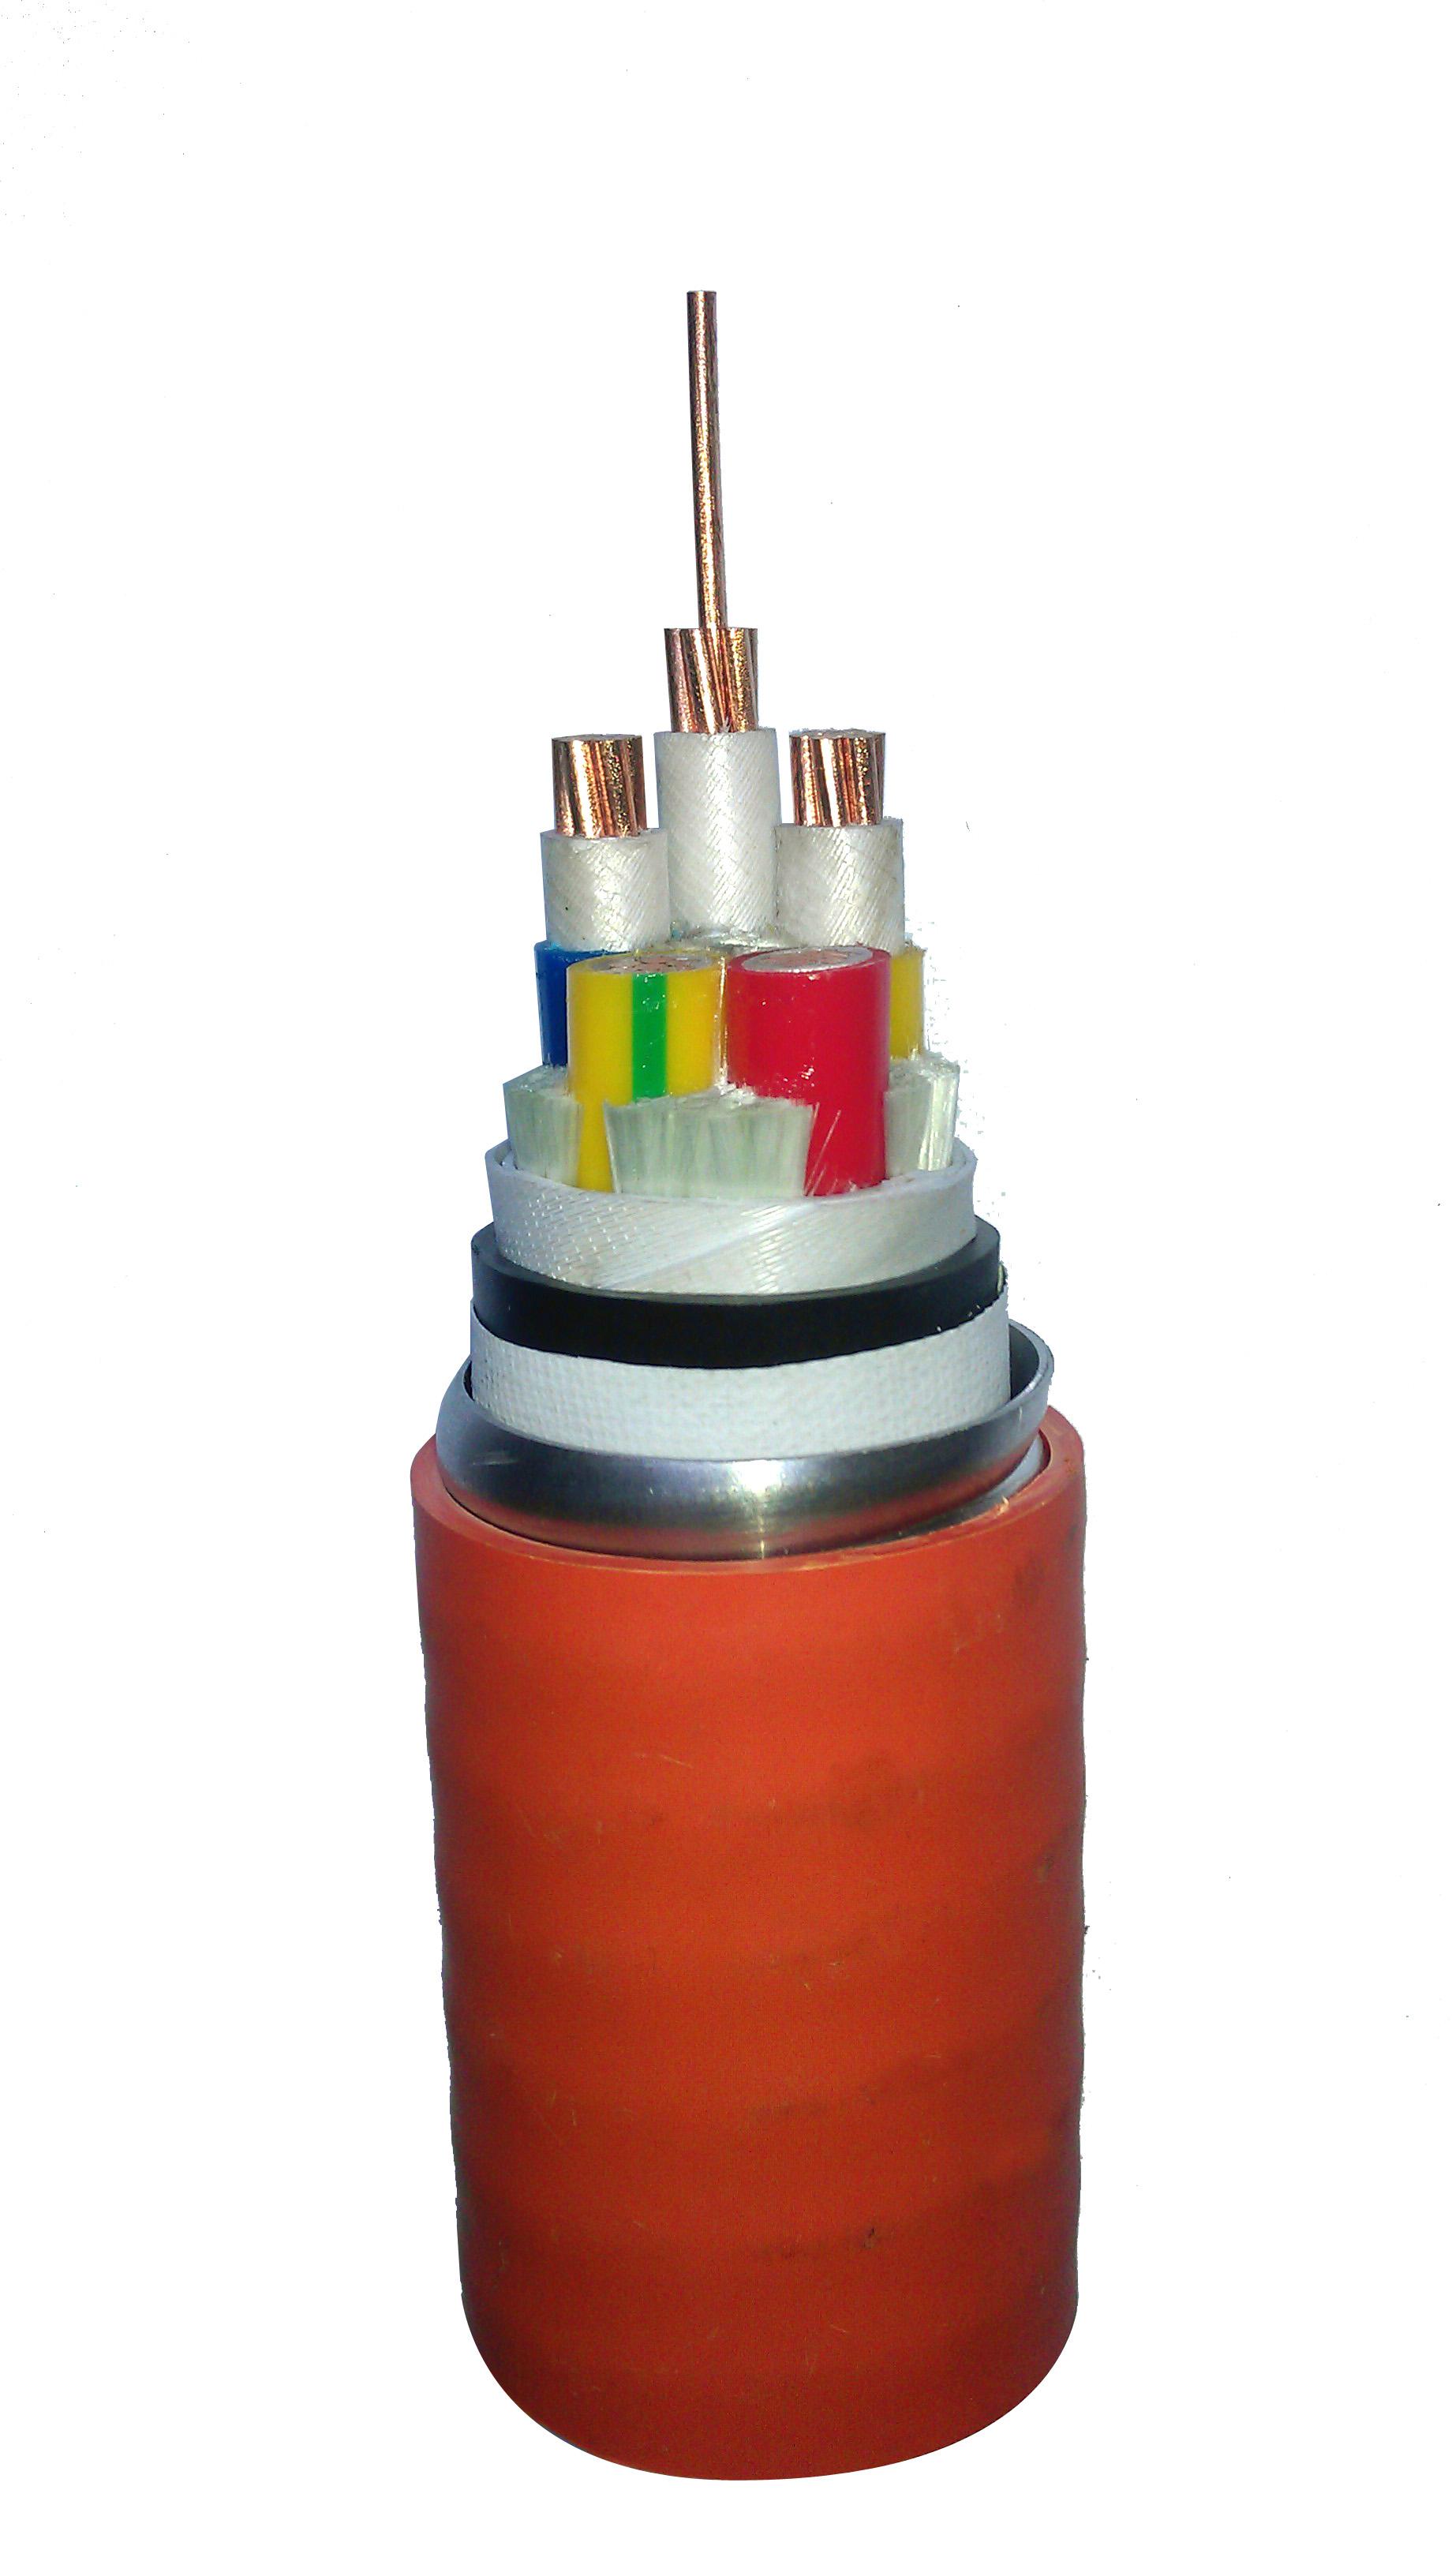 3044永利,www.3044.com,永利官网,FA-BTLHYZ防火电缆供应商